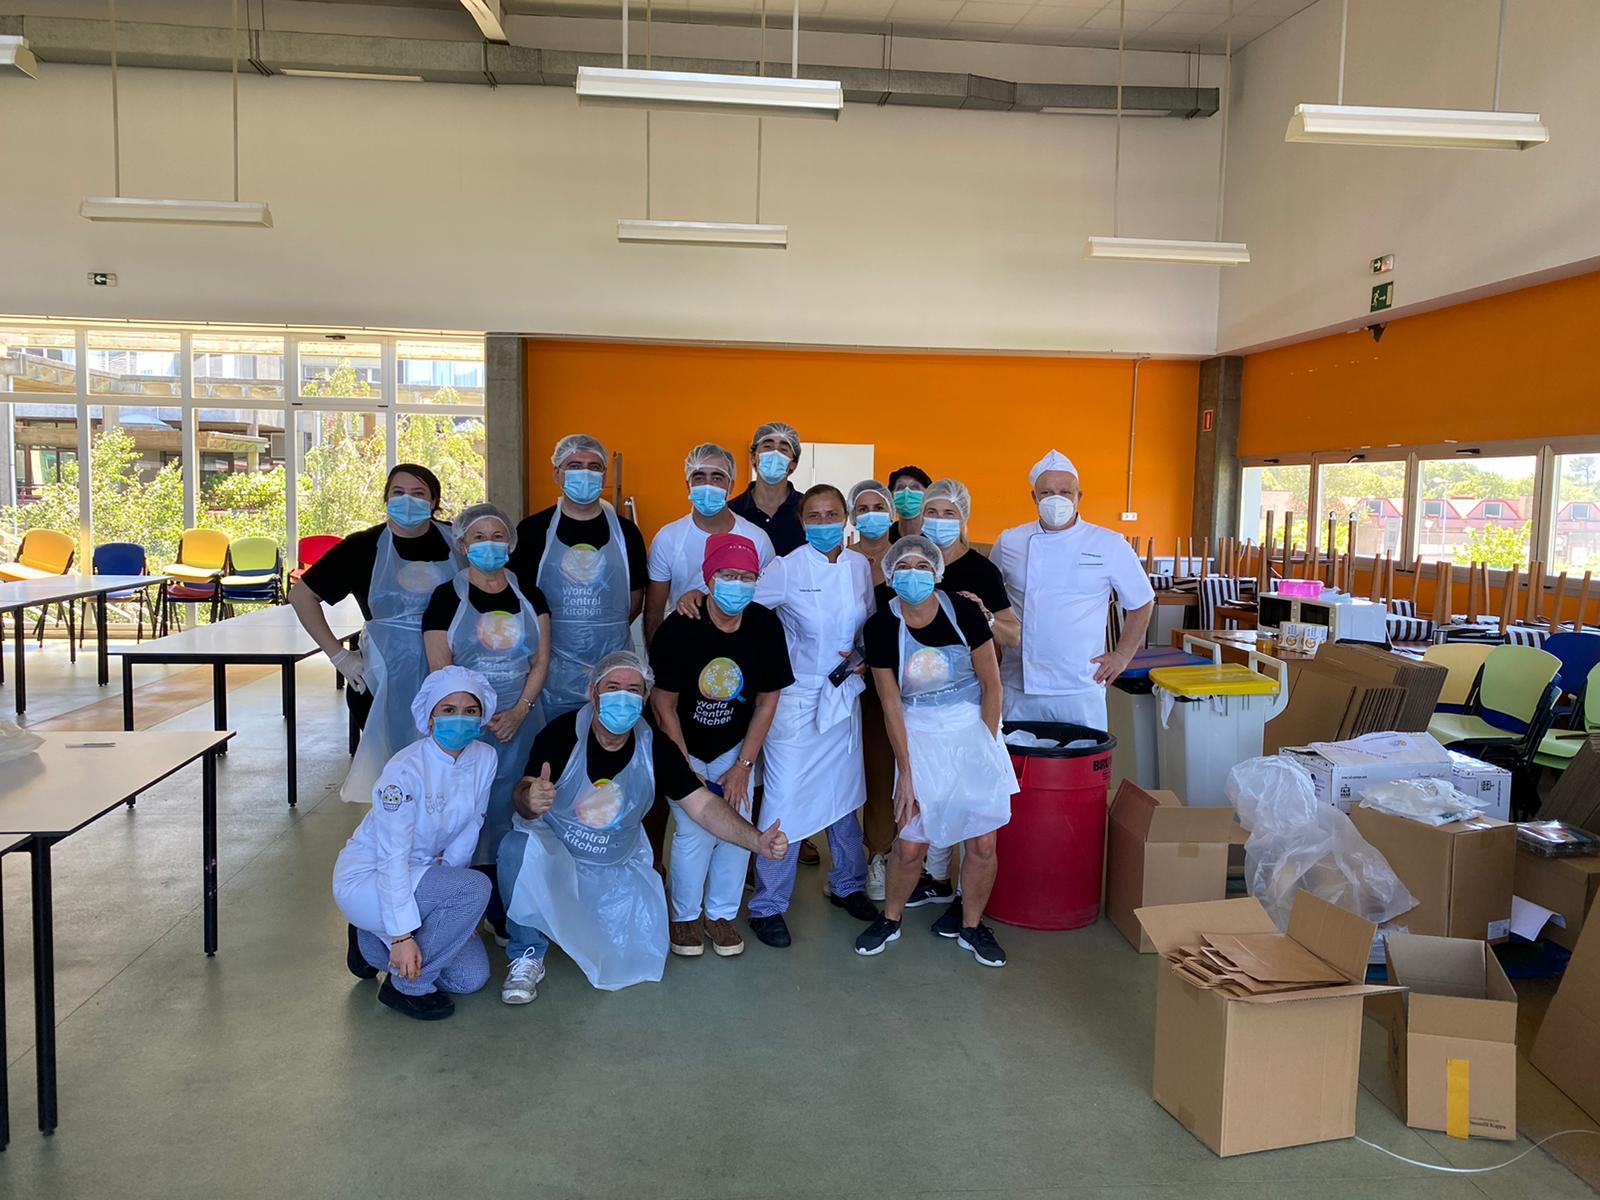 Voluntarios escuela hostelería leioa